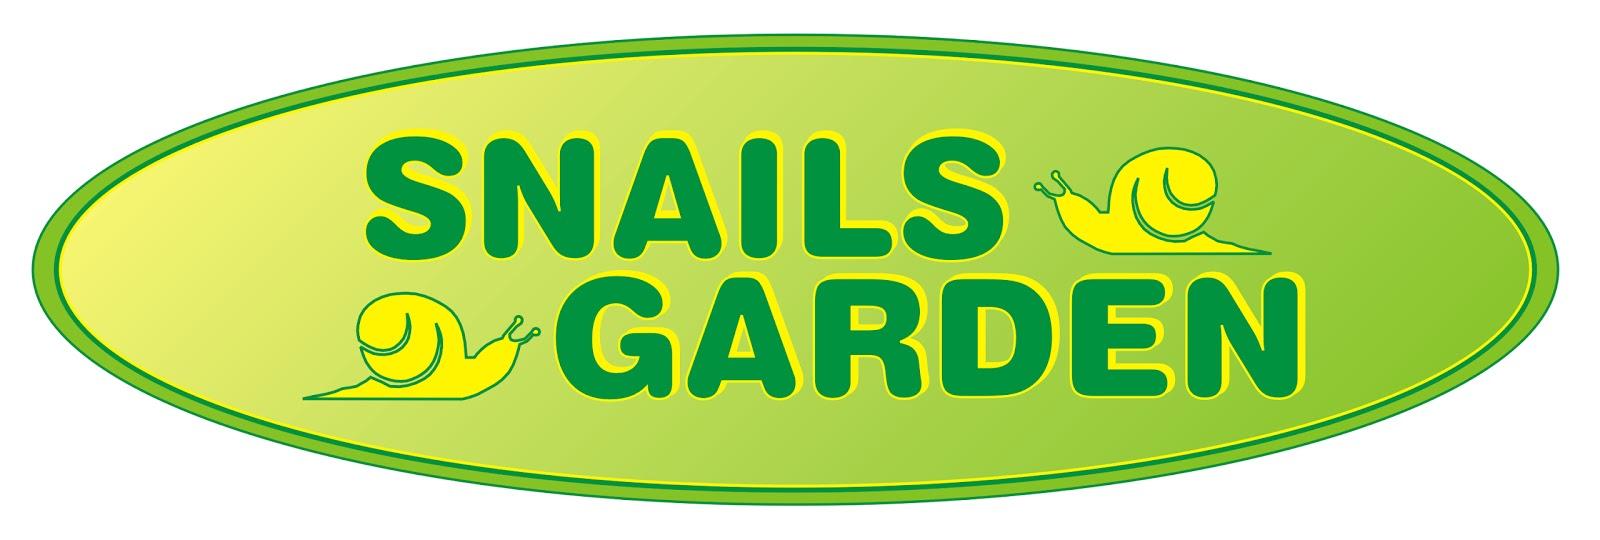 Po raz kolejny zaskoczona nową wspópracą ~ Snails Garden Kremy z naturalnym śluzem ślimaka~ Zapowiedź testów ! Moja walka z przebarwieniami !